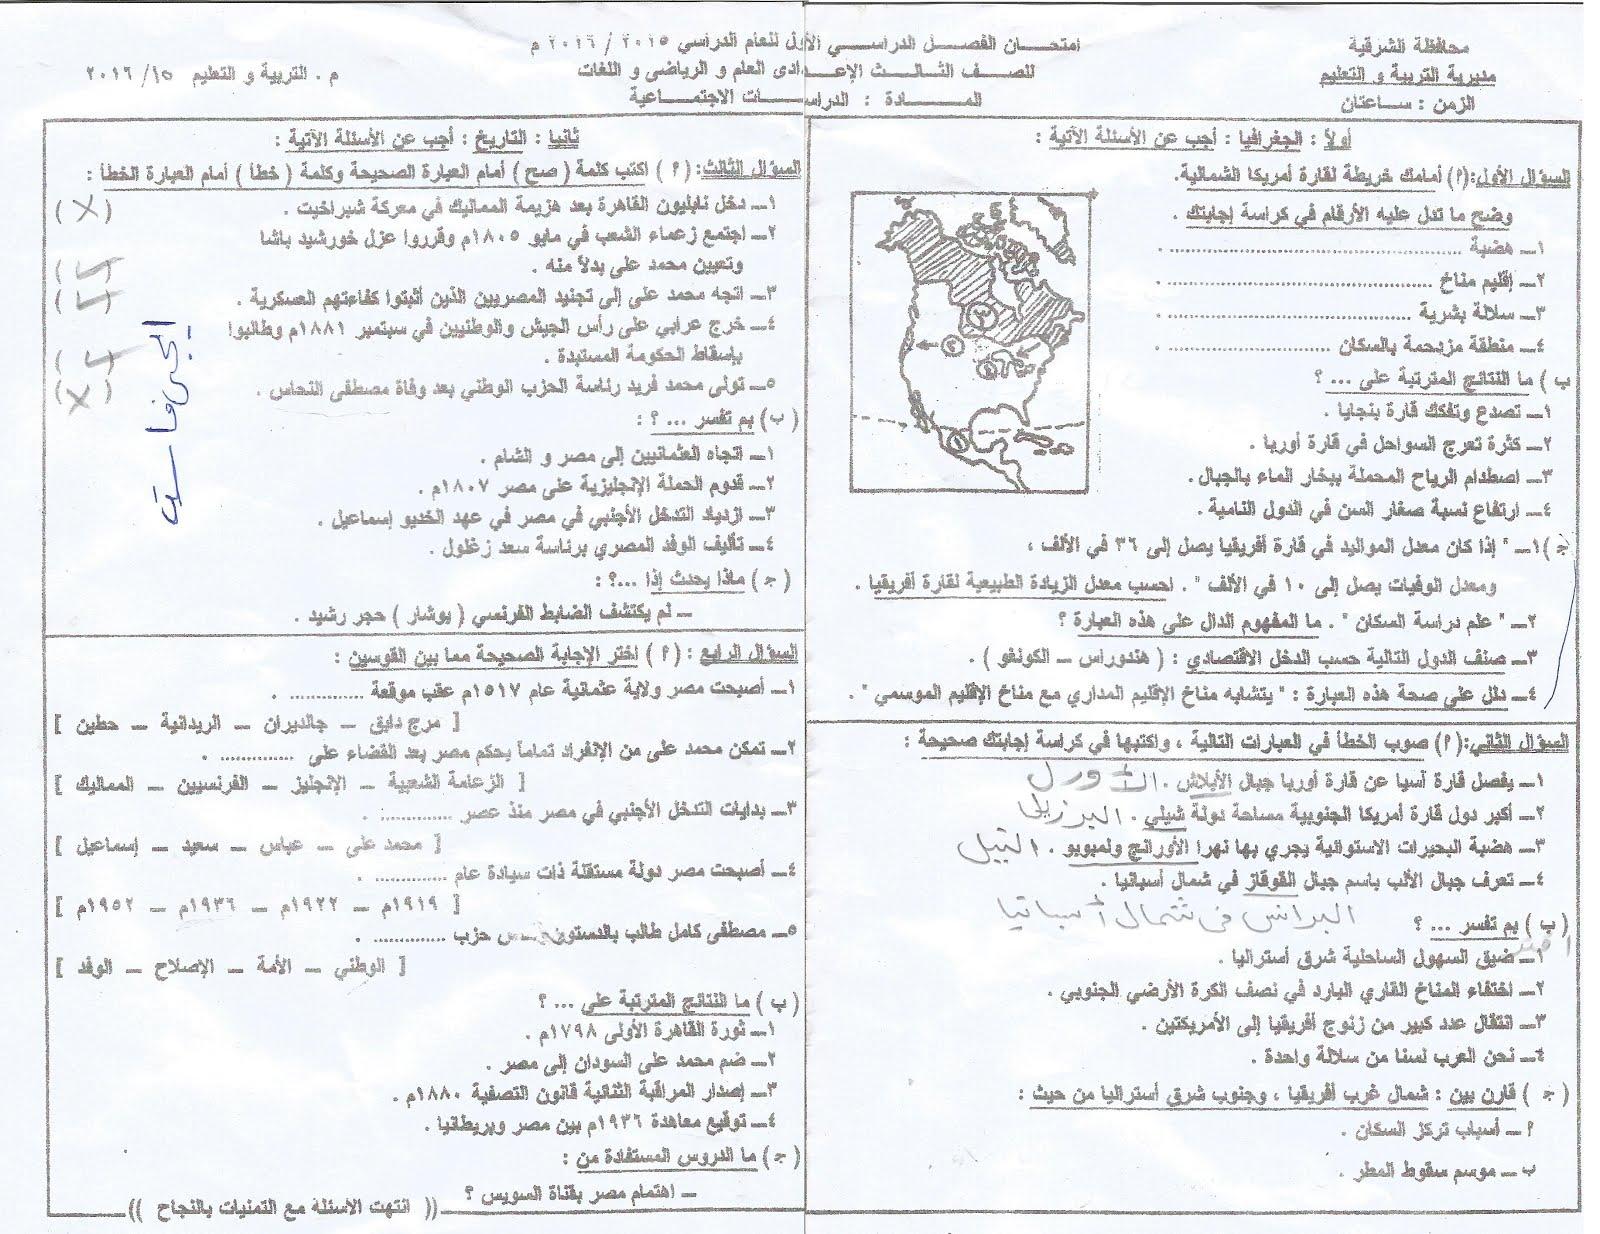 ورقة امتحان الدراسات الاجتماعية محاقظة الشرقية الصف الثالث الاعدادى الترم الاول 2016